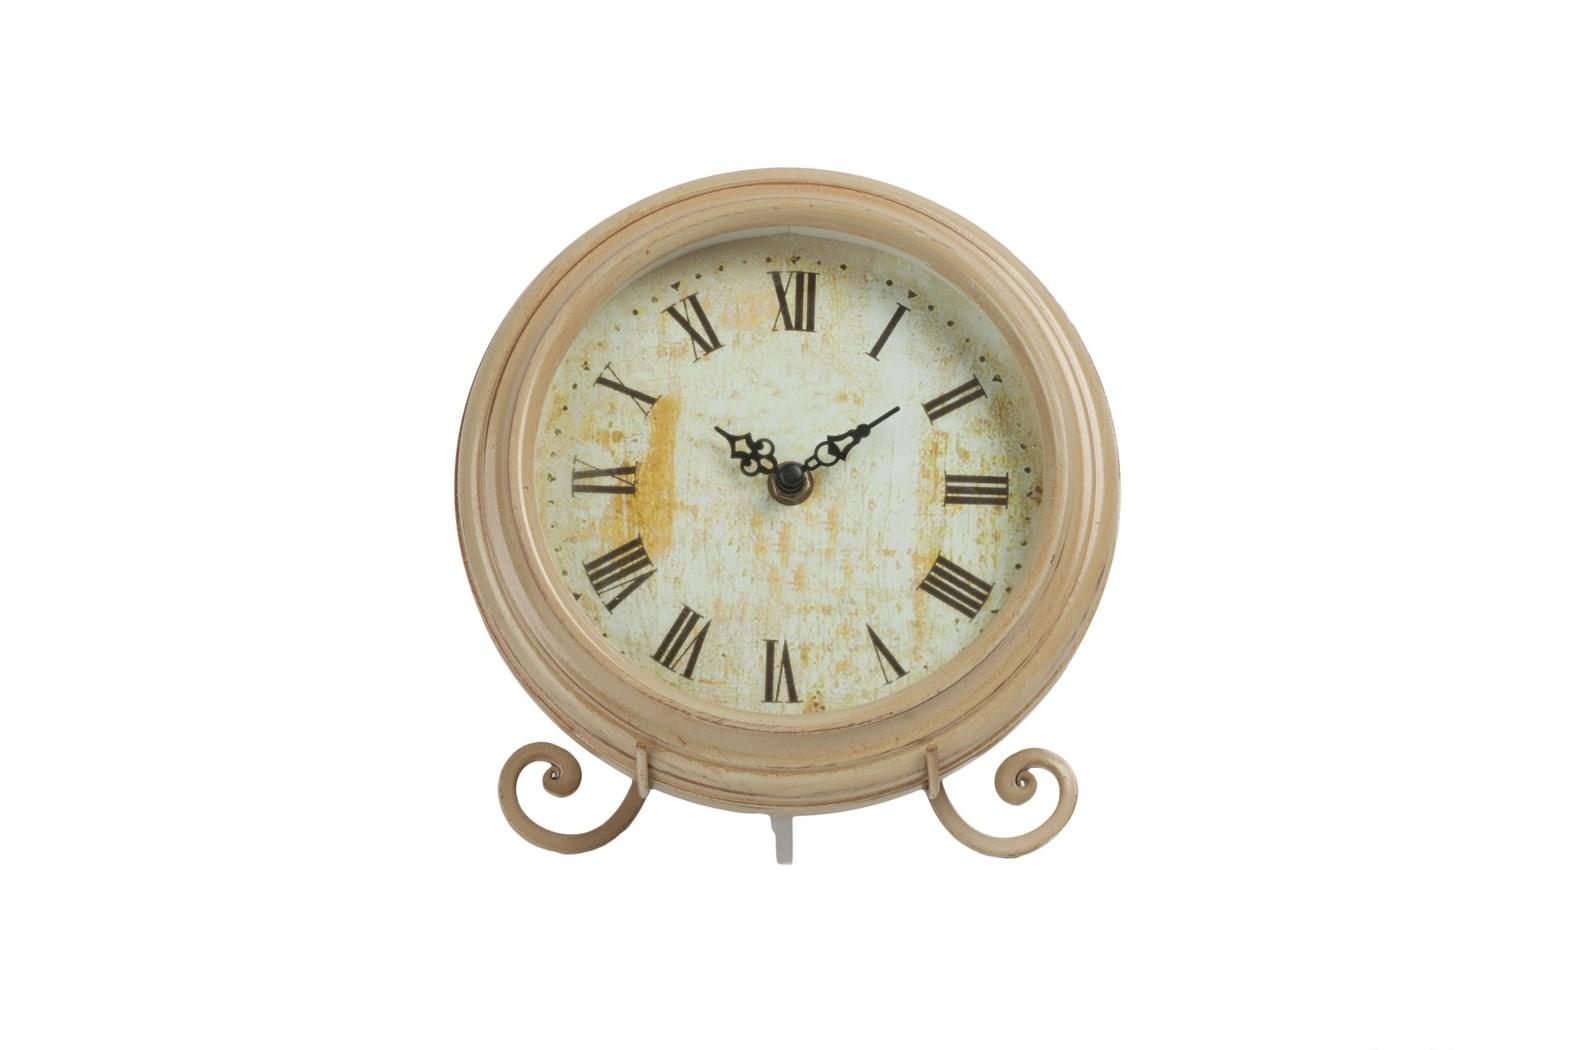 Часы на подставке PitoneНастольные часы<br>Часы на подставке Pitone выполнены в архаичном стиле Прованс: искусственная жёлтизна — признак старины — по всей поверхности циферблата, изысканные кованные металлические ножки, простая форма, нежные цвет. Этот винтажный элемент декора поможет наполнить вашу спальню, кухню, гостиную и любую другую комнату оригинальностью и очарованием французской провинции.<br><br>Material: МДФ<br>Width см: 20<br>Depth см: 8<br>Height см: 25